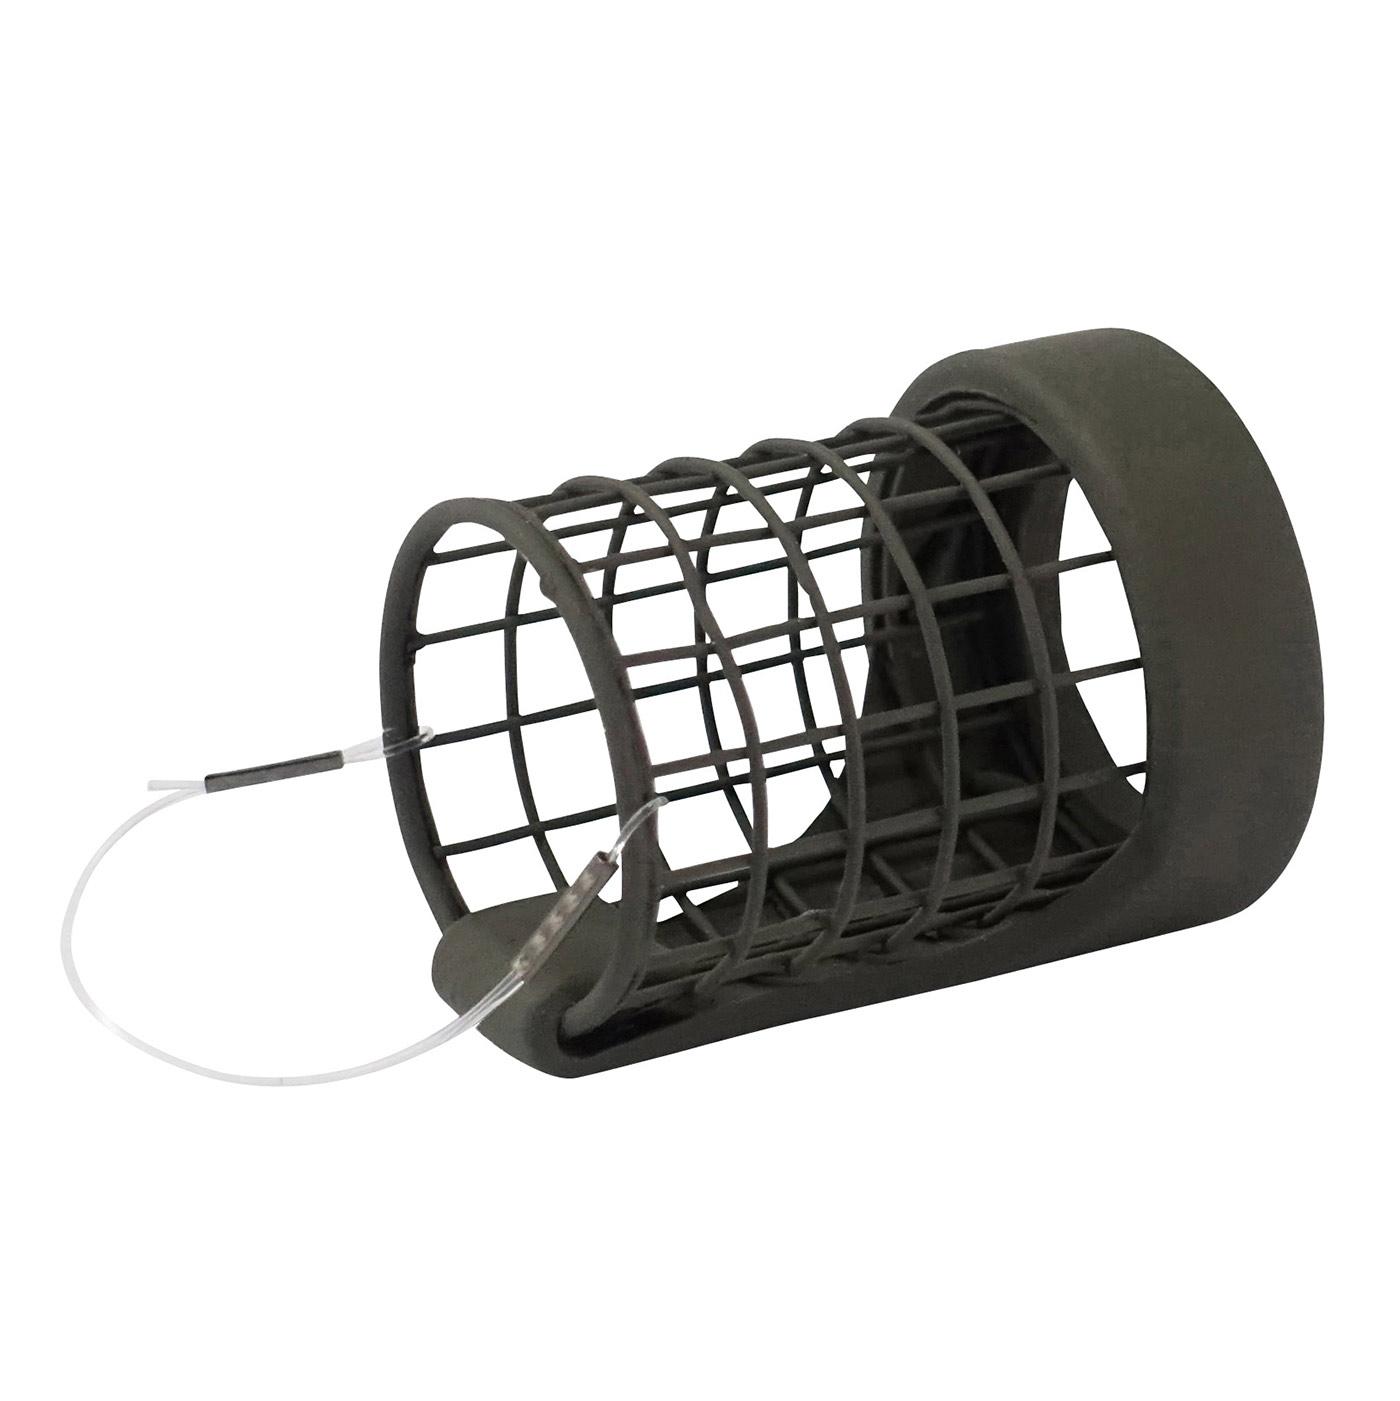 NEU METHOD FEEDER Set 15-30g Futterkörbe Karpfen Futterkorb Inline Blei Futter